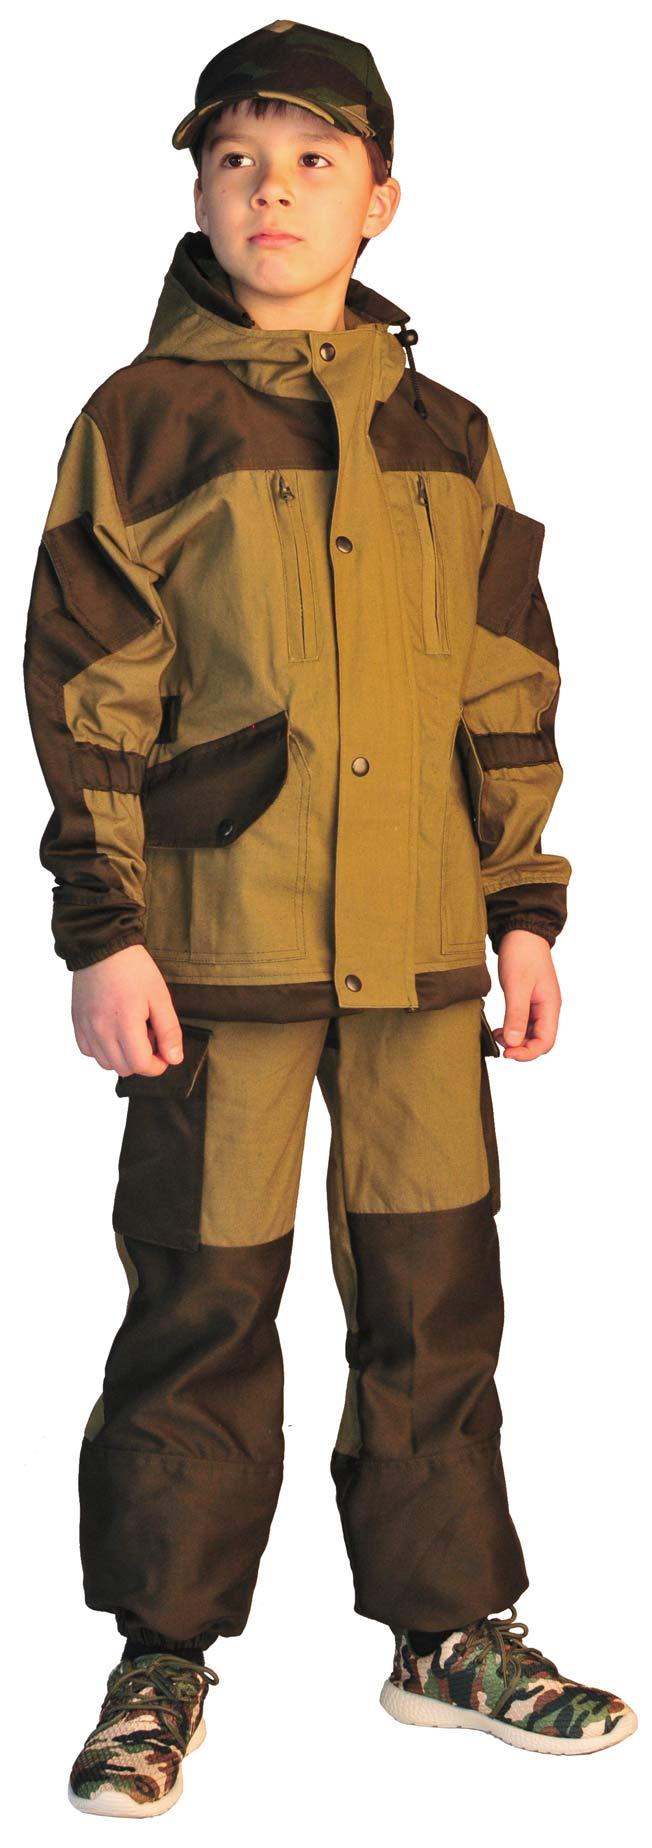 Костюм детский Горка-5 летний палатка 235 г/м2 хаки 100% хлопок, Летние костюмы - арт. 1019800260